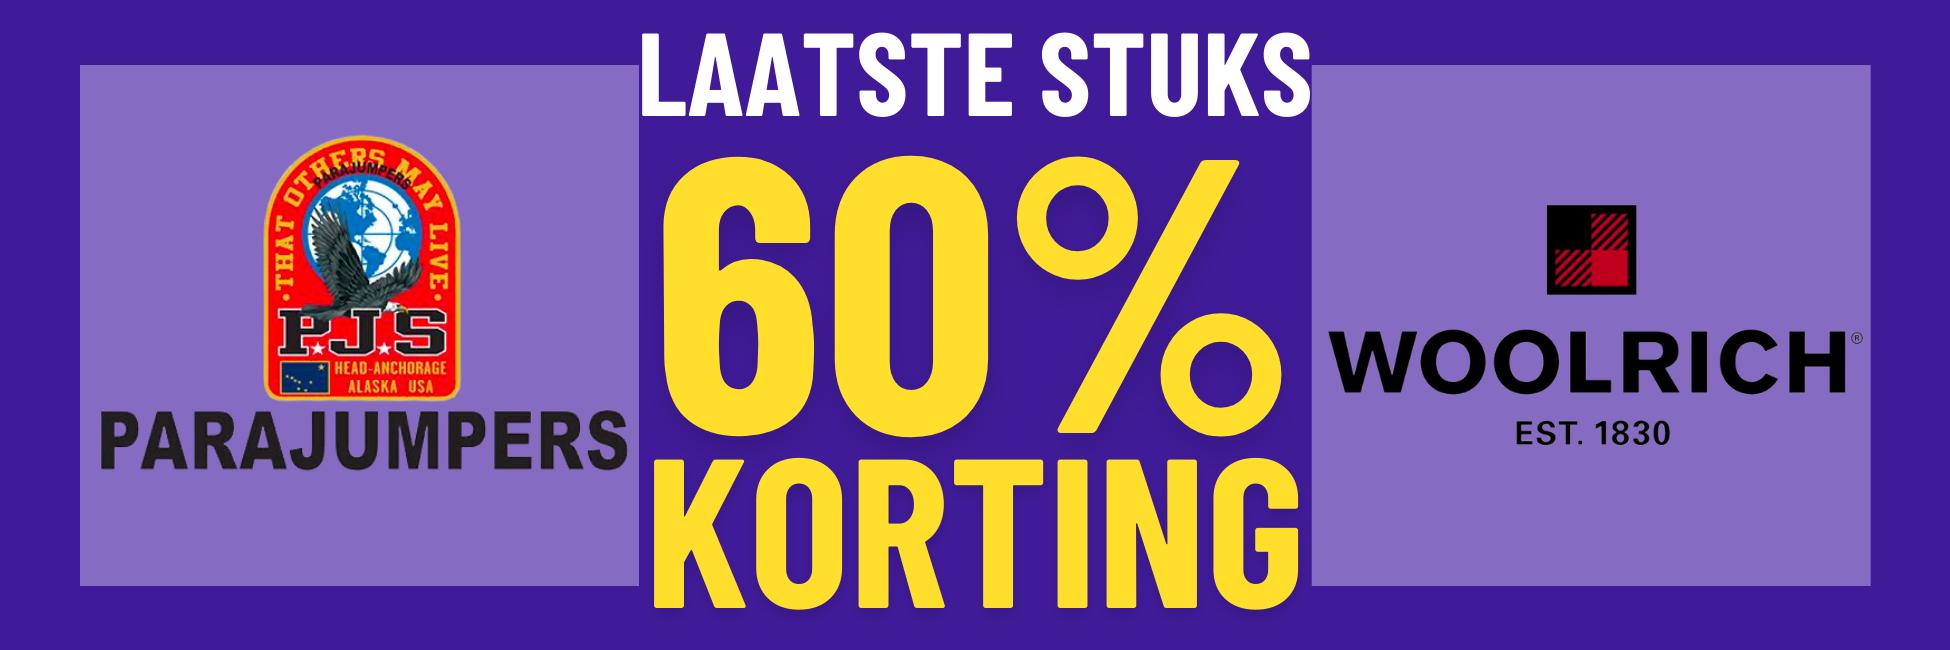 Jacks 60%